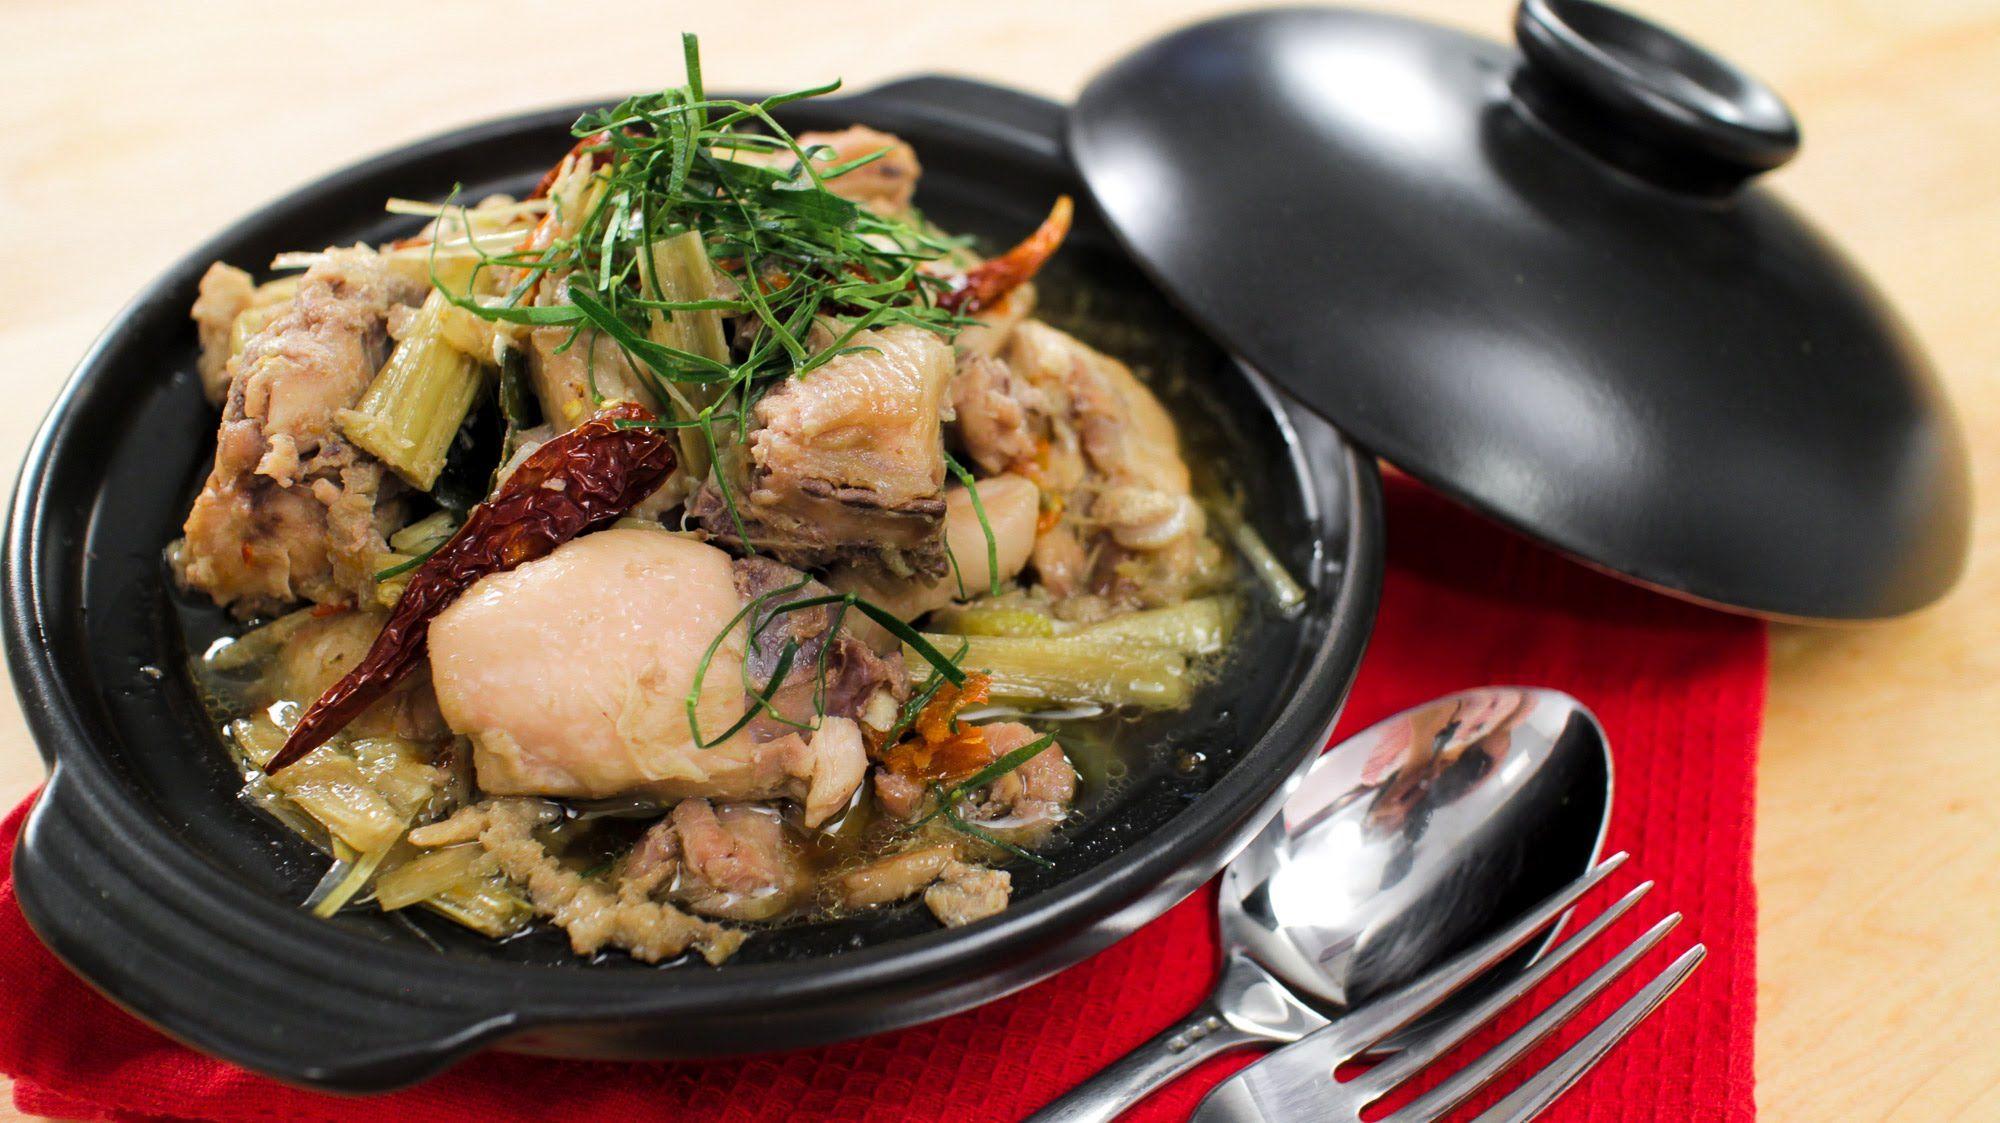 underwater chicken recipe 罌篁邃罌篋竅罌篁竏罌篁窿罌篋笊罌篁竕罌篋笙罌篋箋罌篁竕 hot thai kitchen